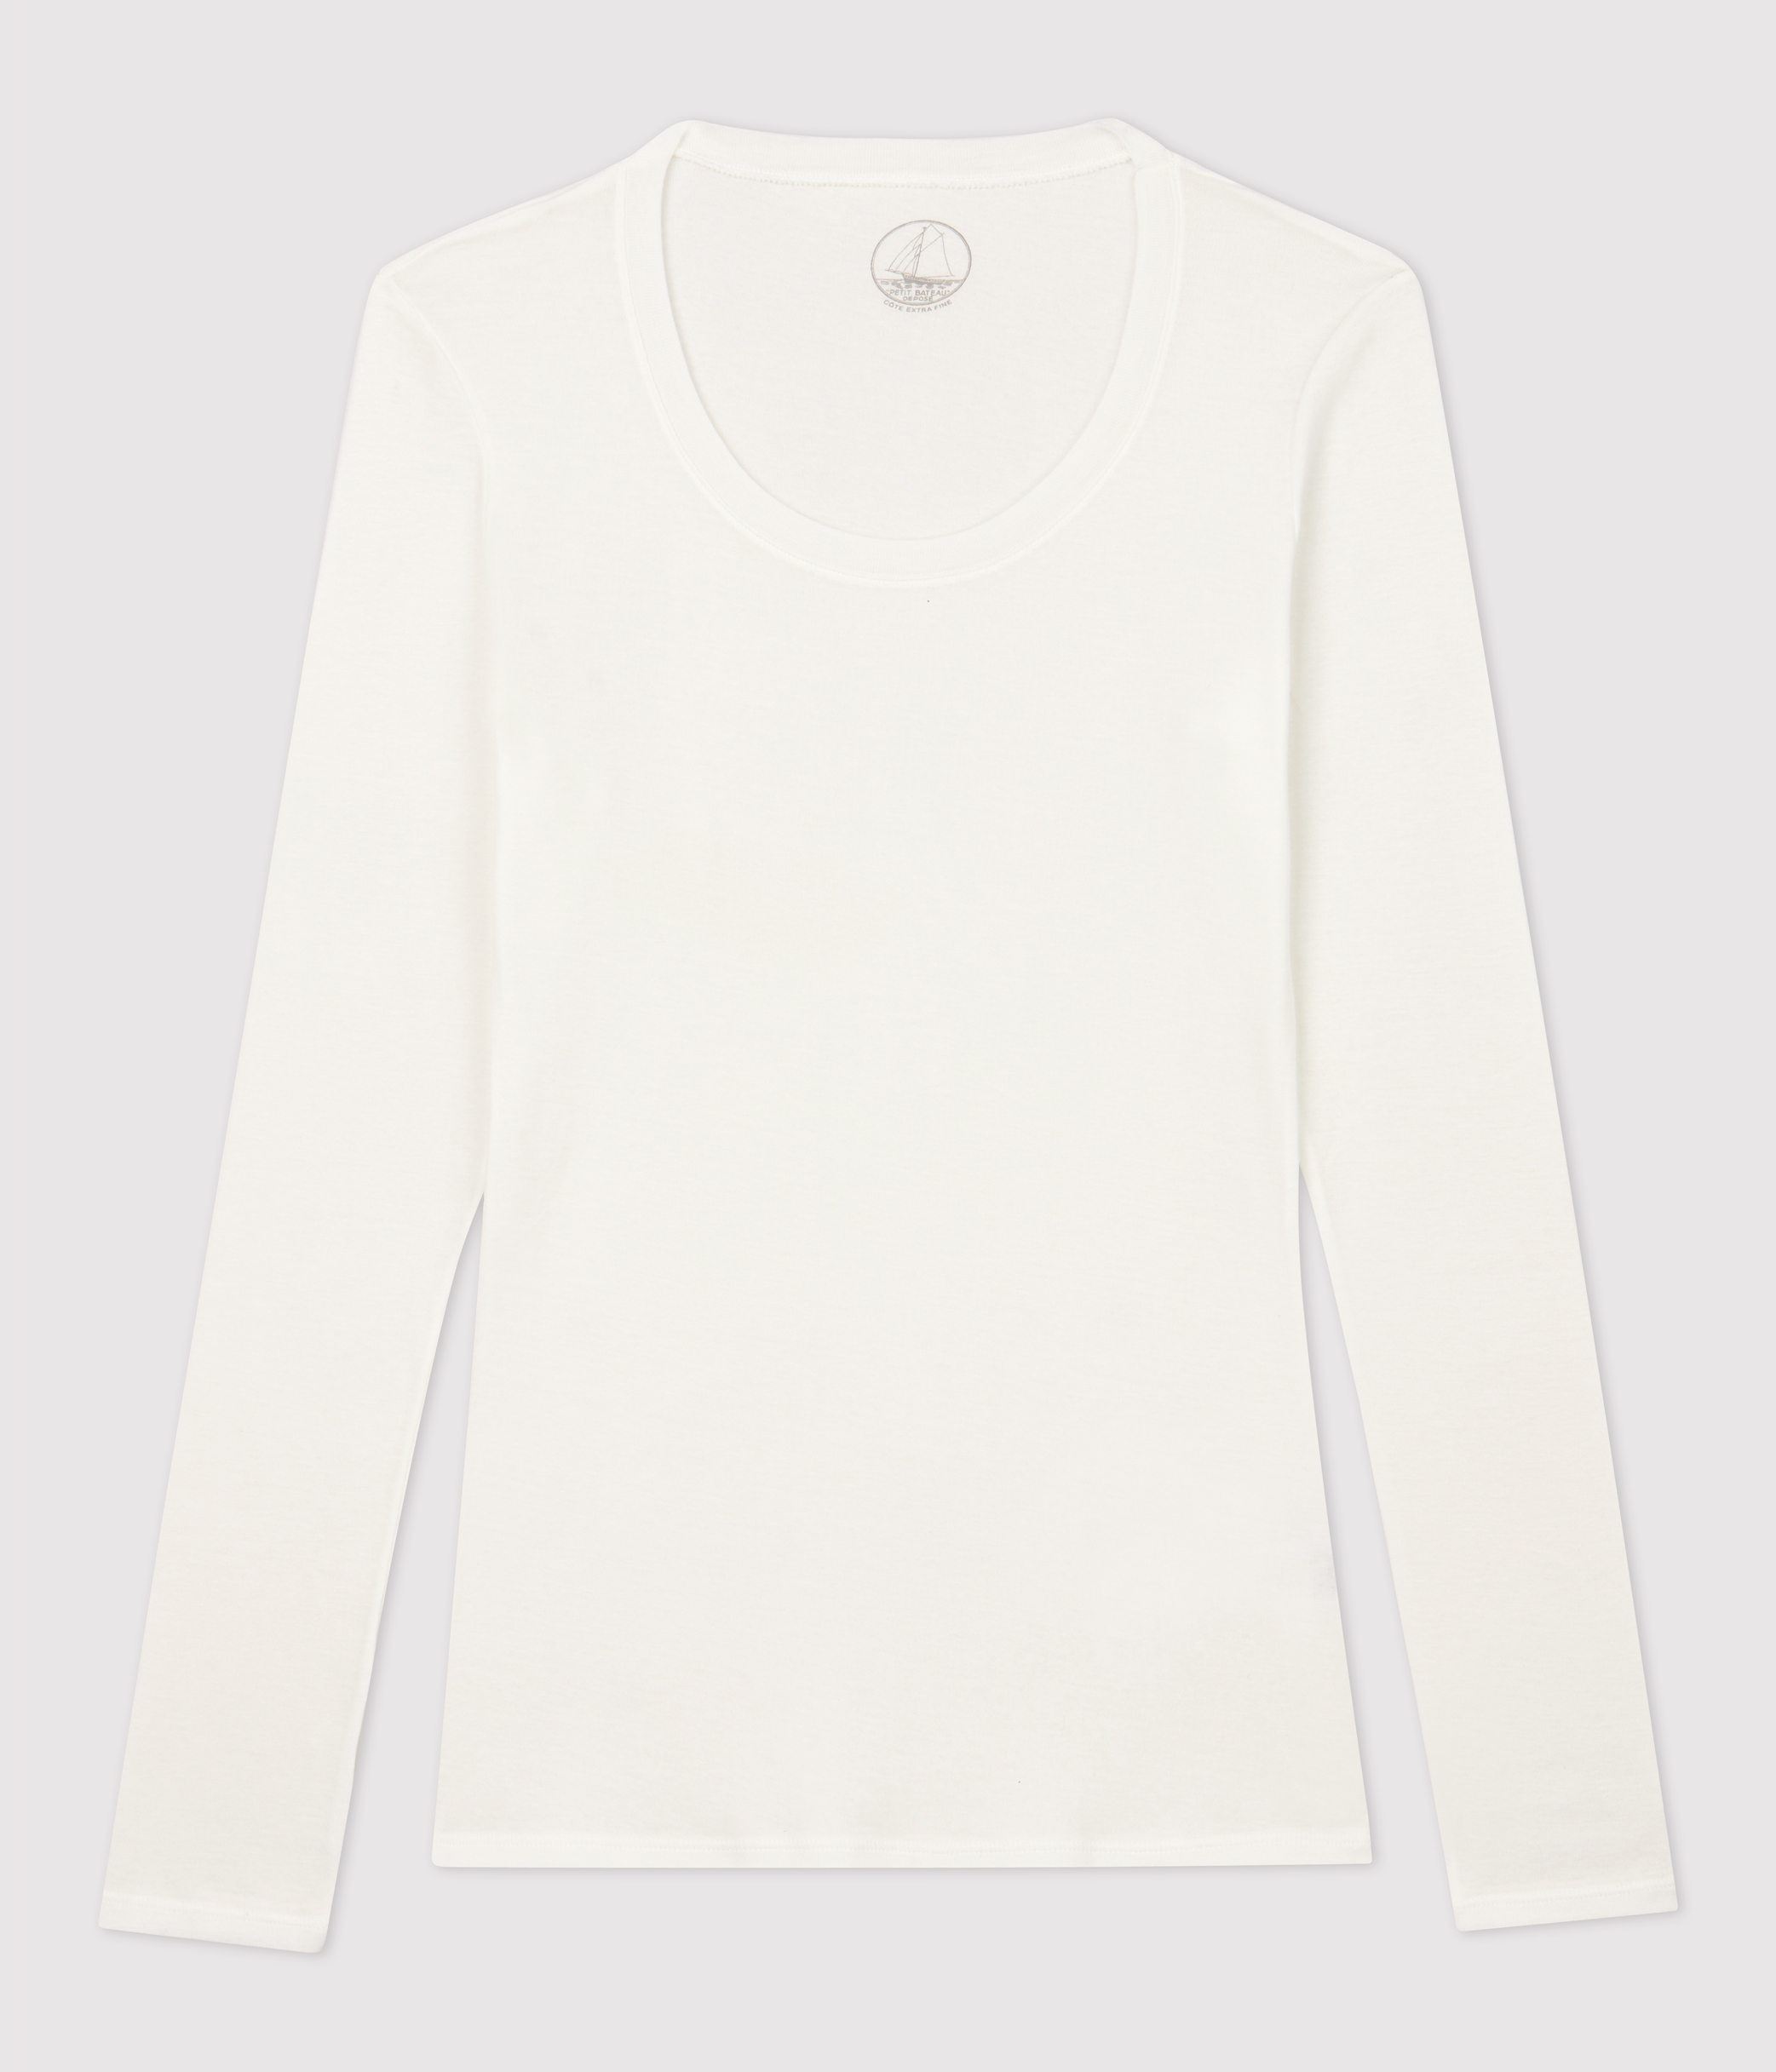 Damen T Shirt, leichter Rippstrick